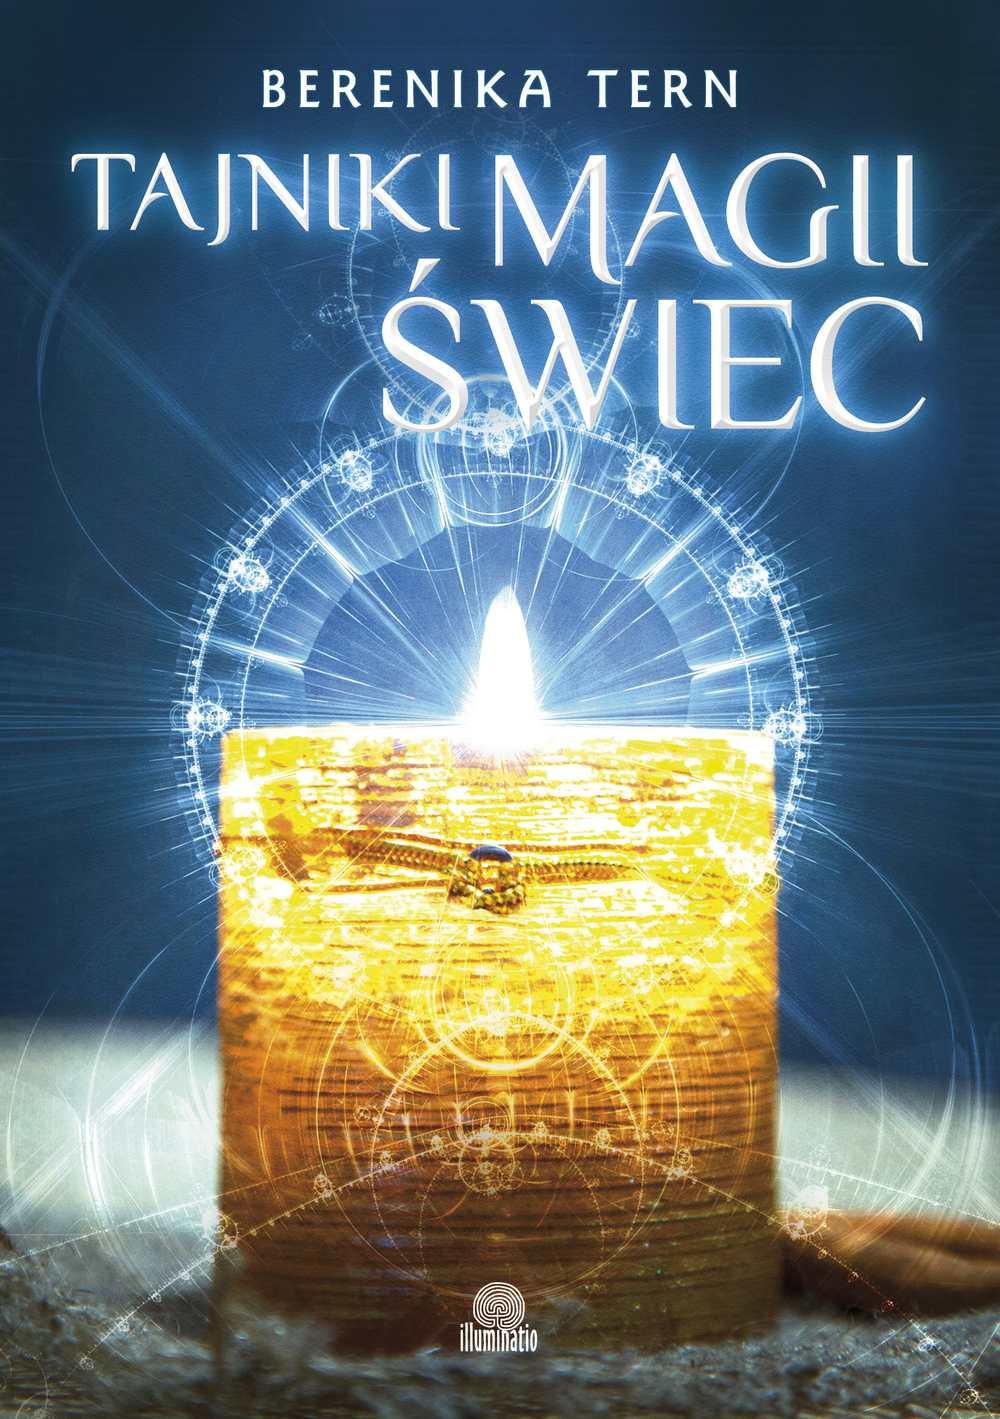 Tajniki magii świec - Ebook (Książka EPUB) do pobrania w formacie EPUB